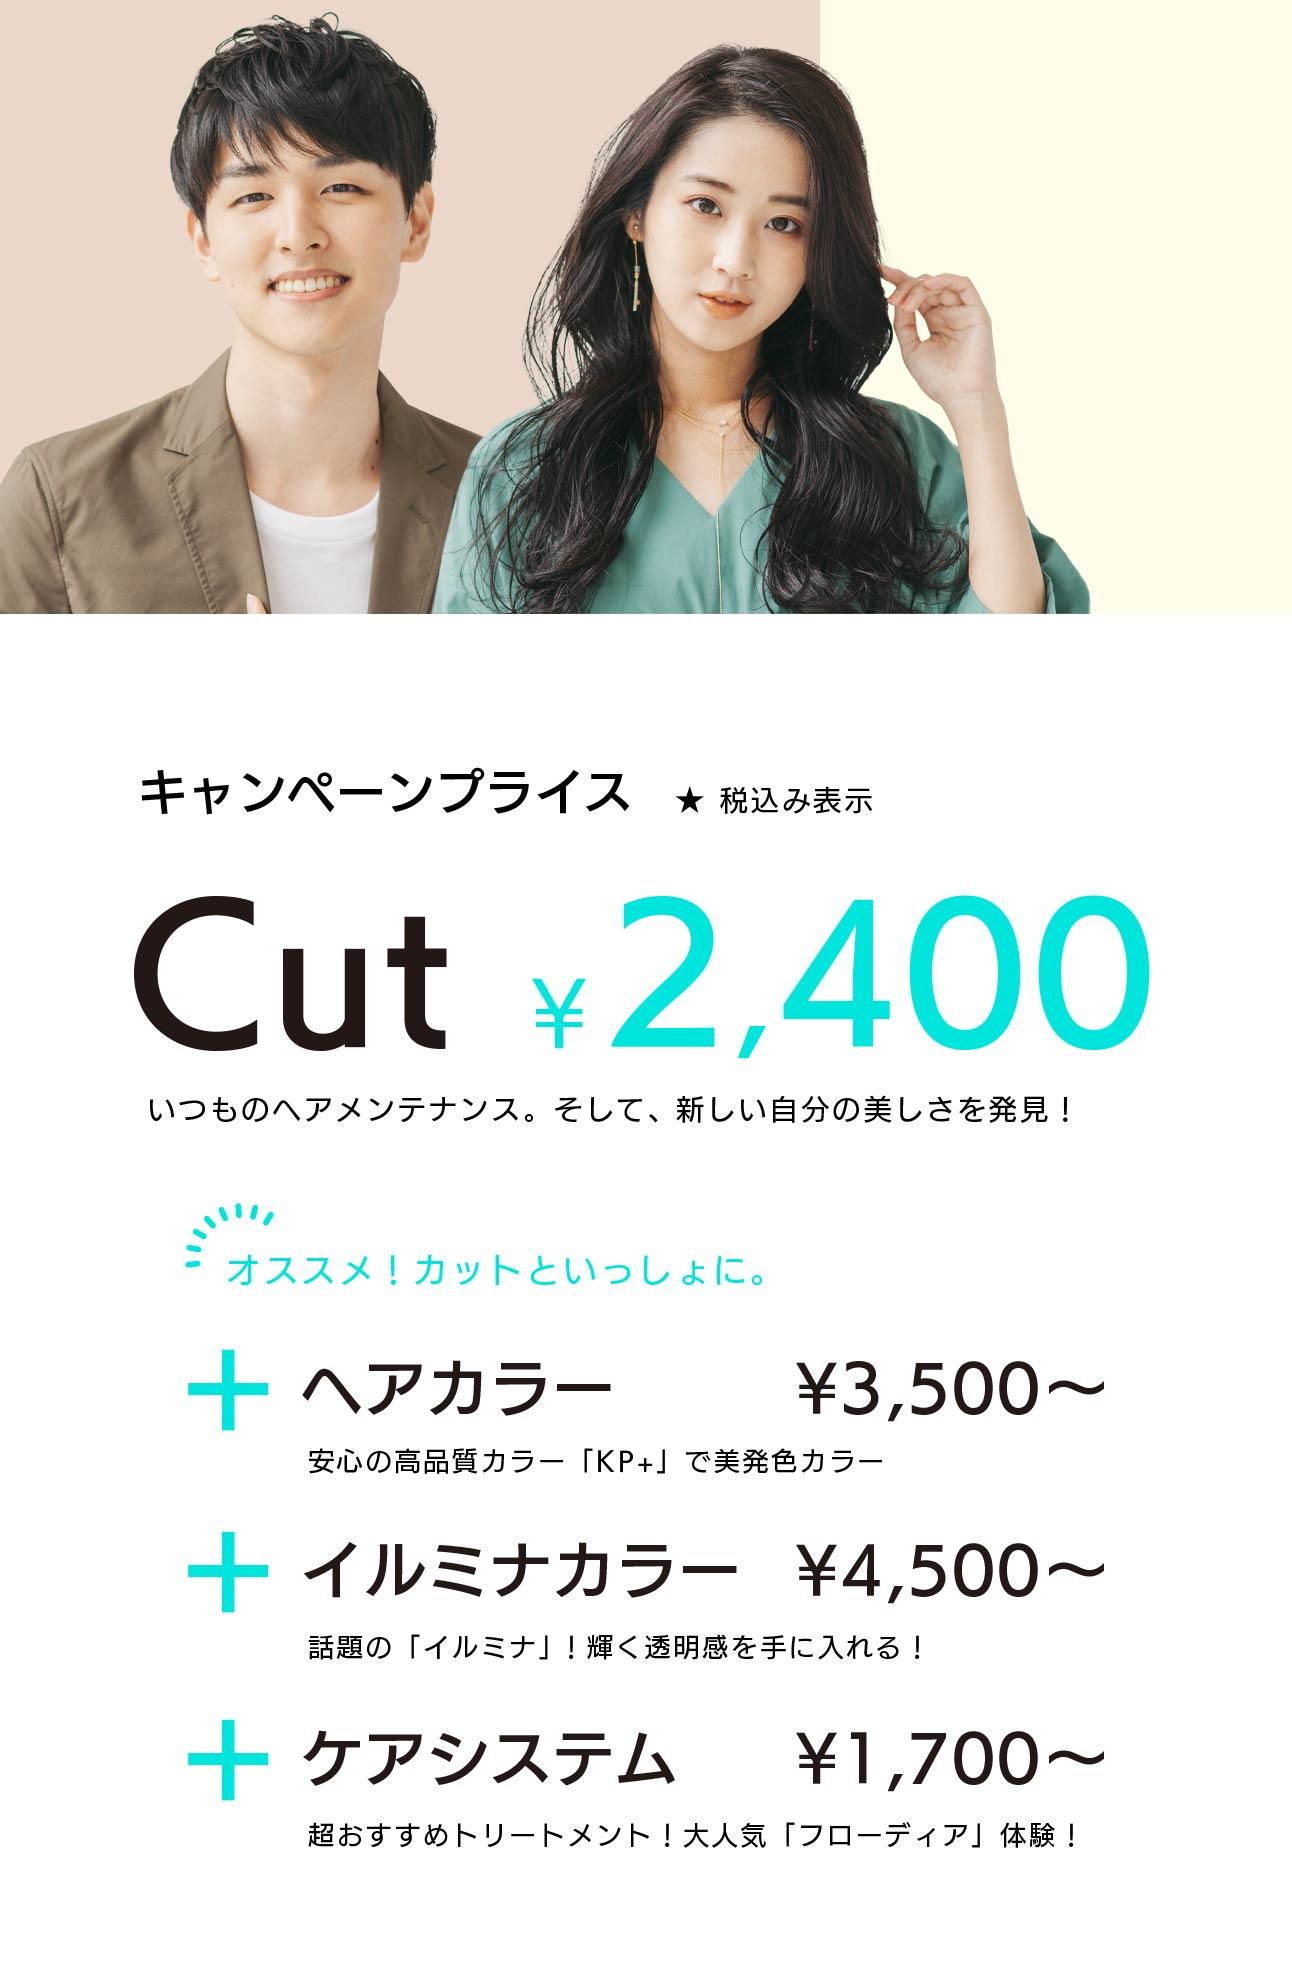 キャンペーンプライス カット2,400円 + ヘアカラー/イルミナカラー/ケアシステム